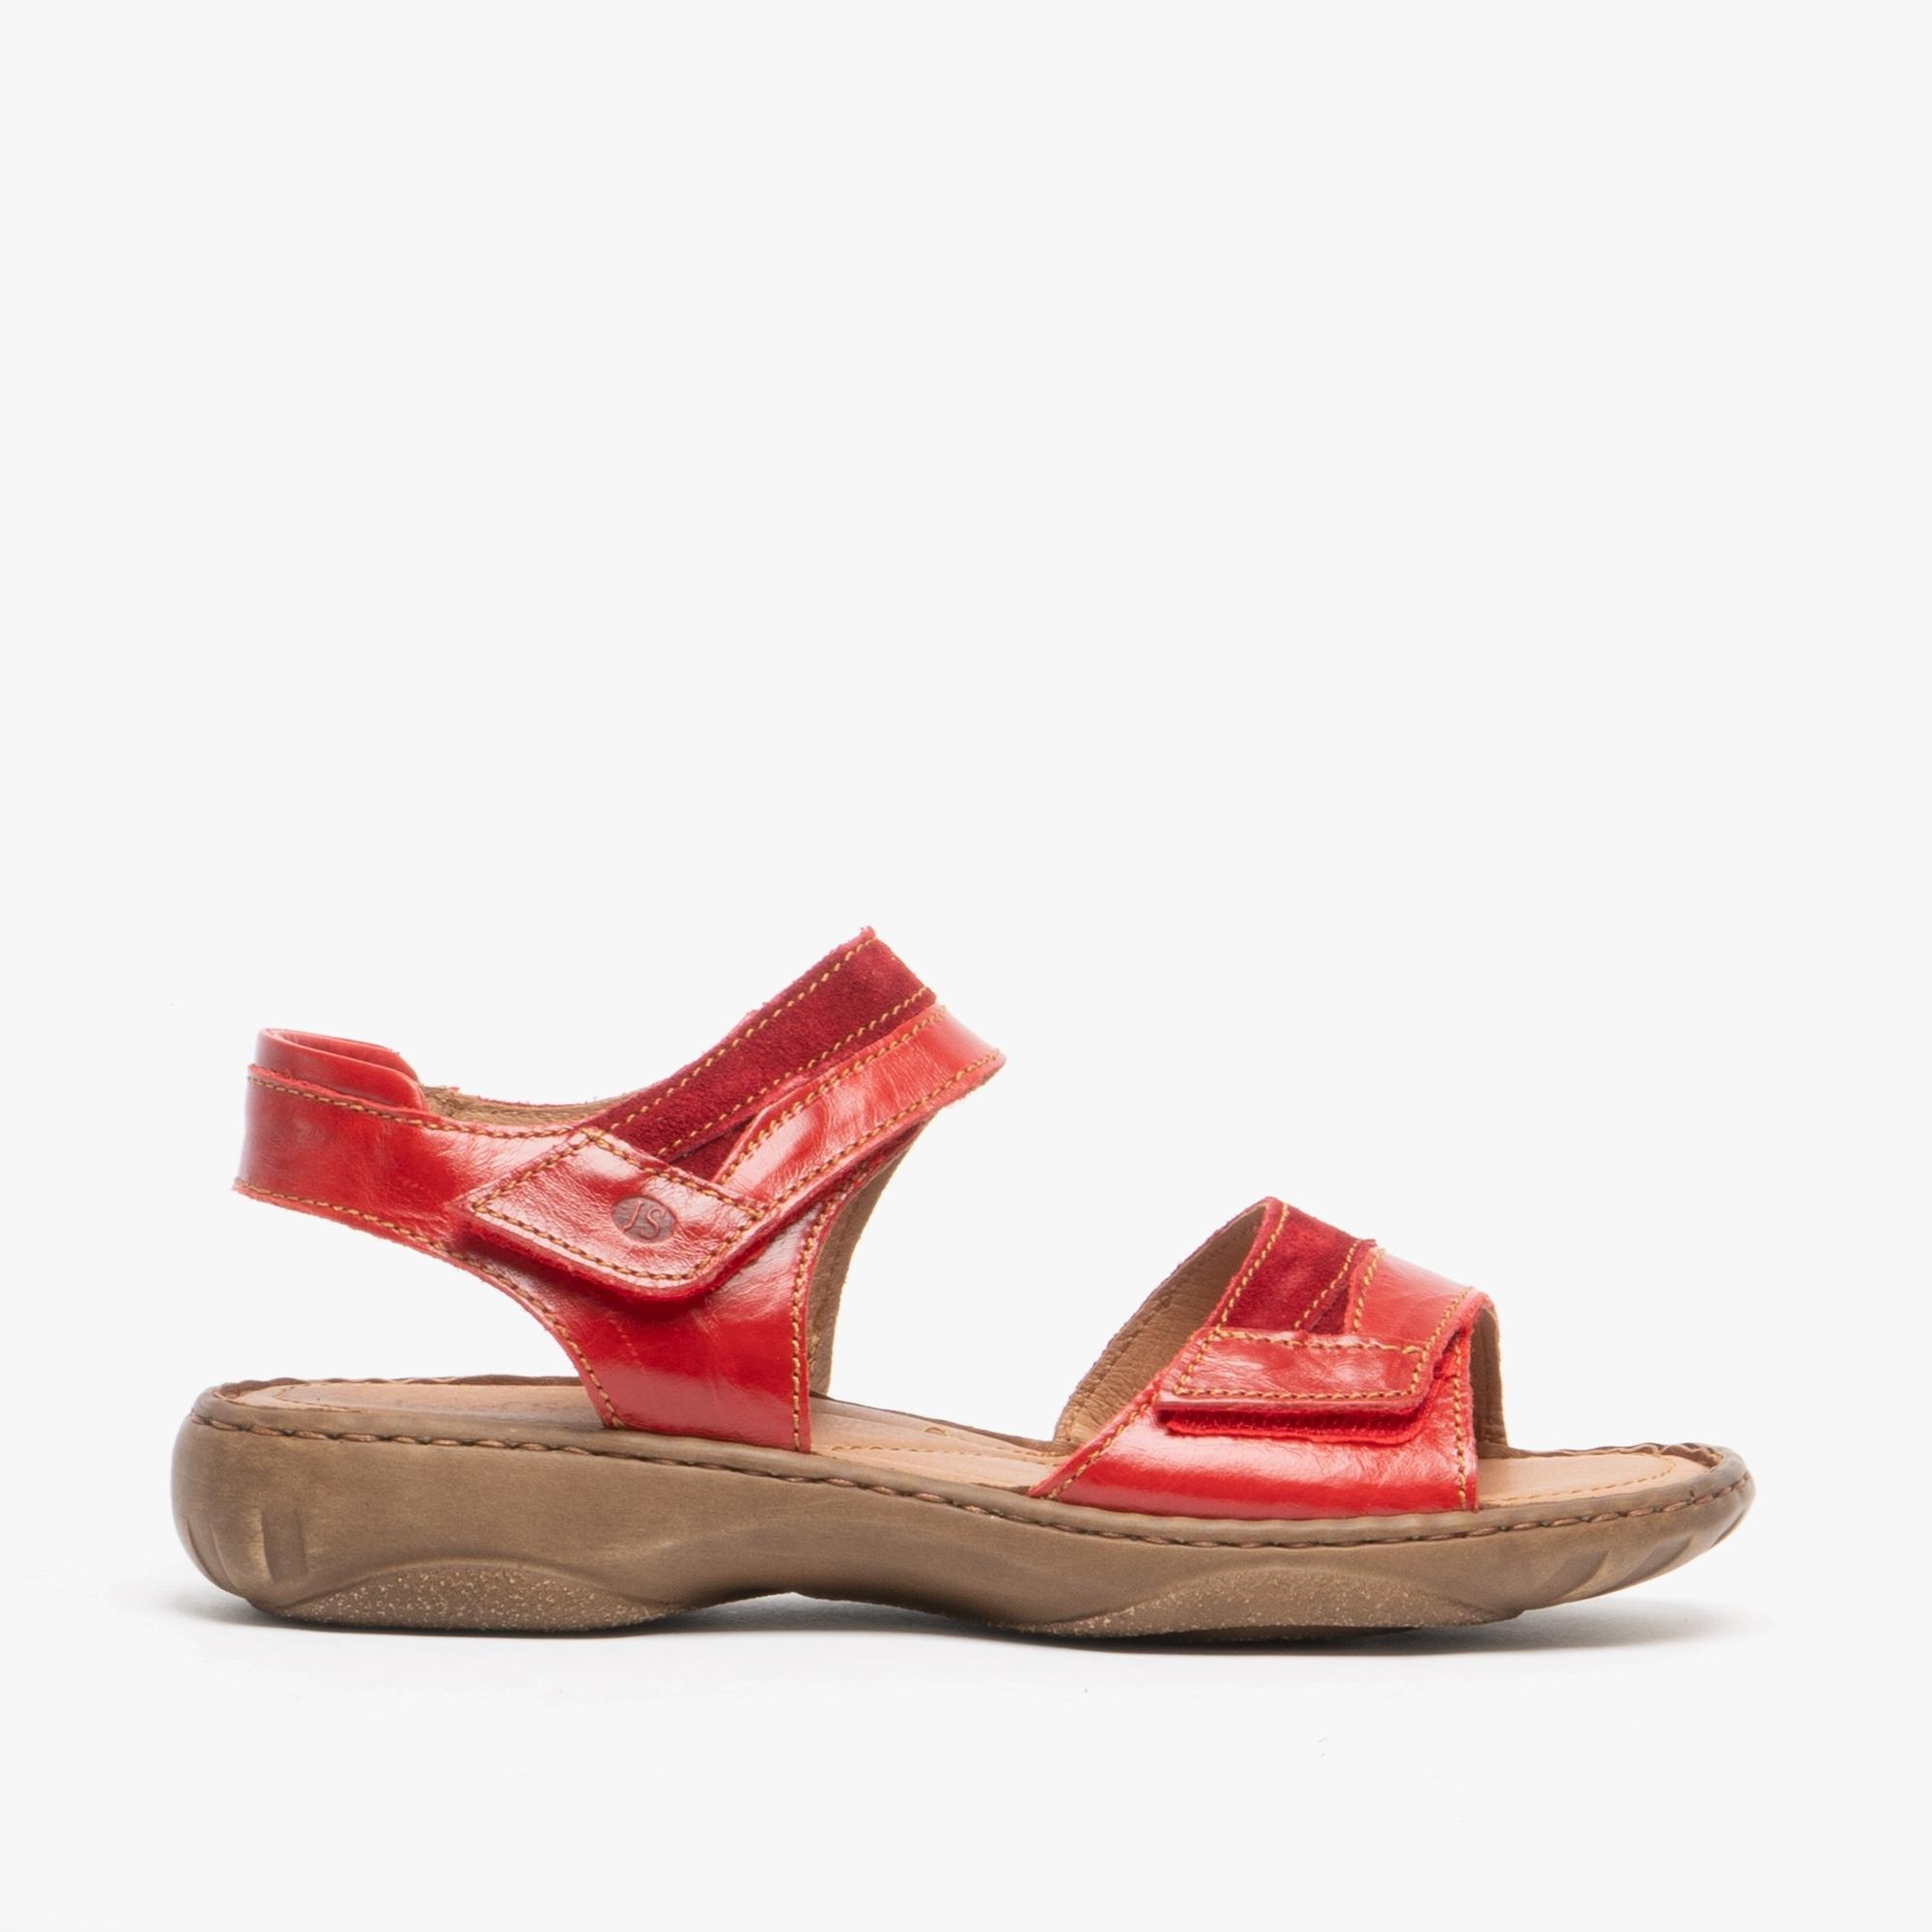 Josef Seibel DEBRA 19 Ladies Womens Genuine Smooth Leather Touch Fasten Sandals